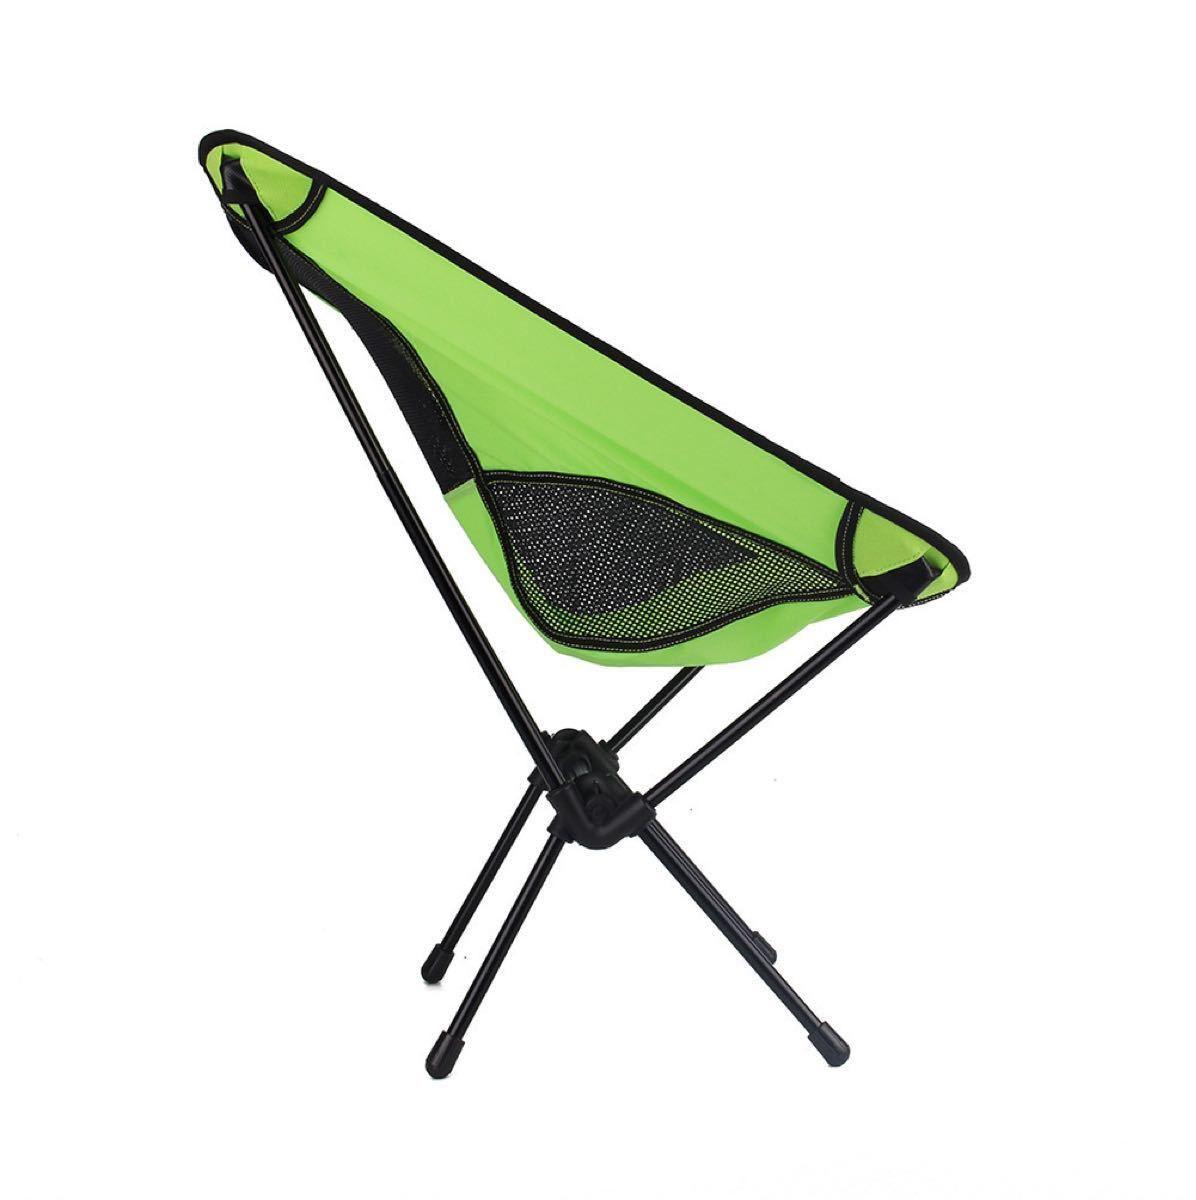 [週末限定]アウトドアチェア コンパクトチェア キャンプ椅子 黄緑